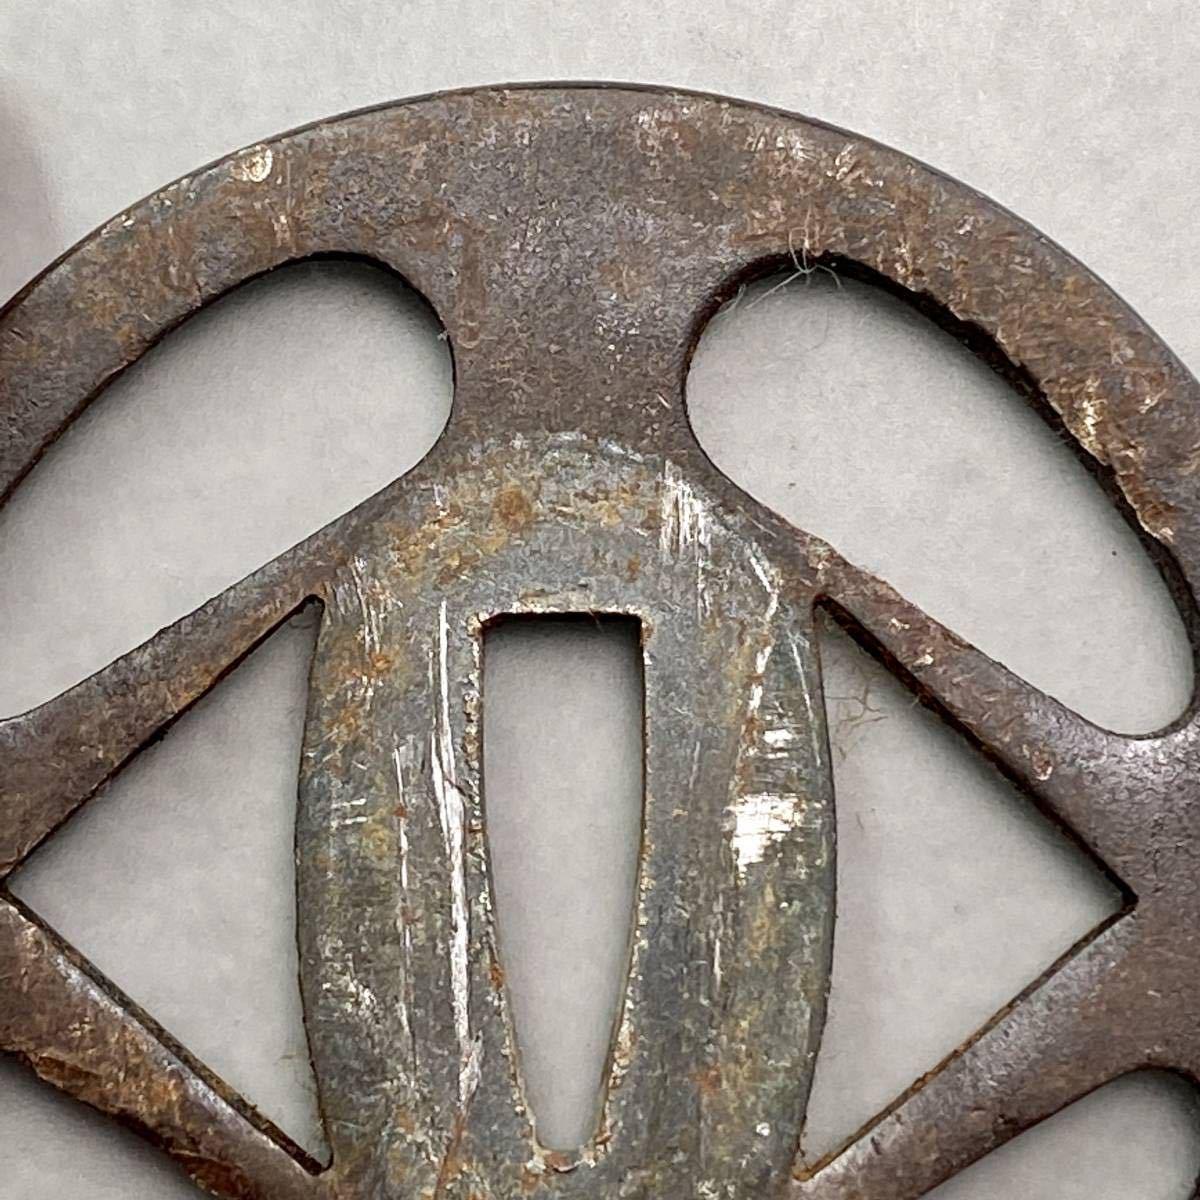 鐔 花輪の図鐔 刀装具 _画像6